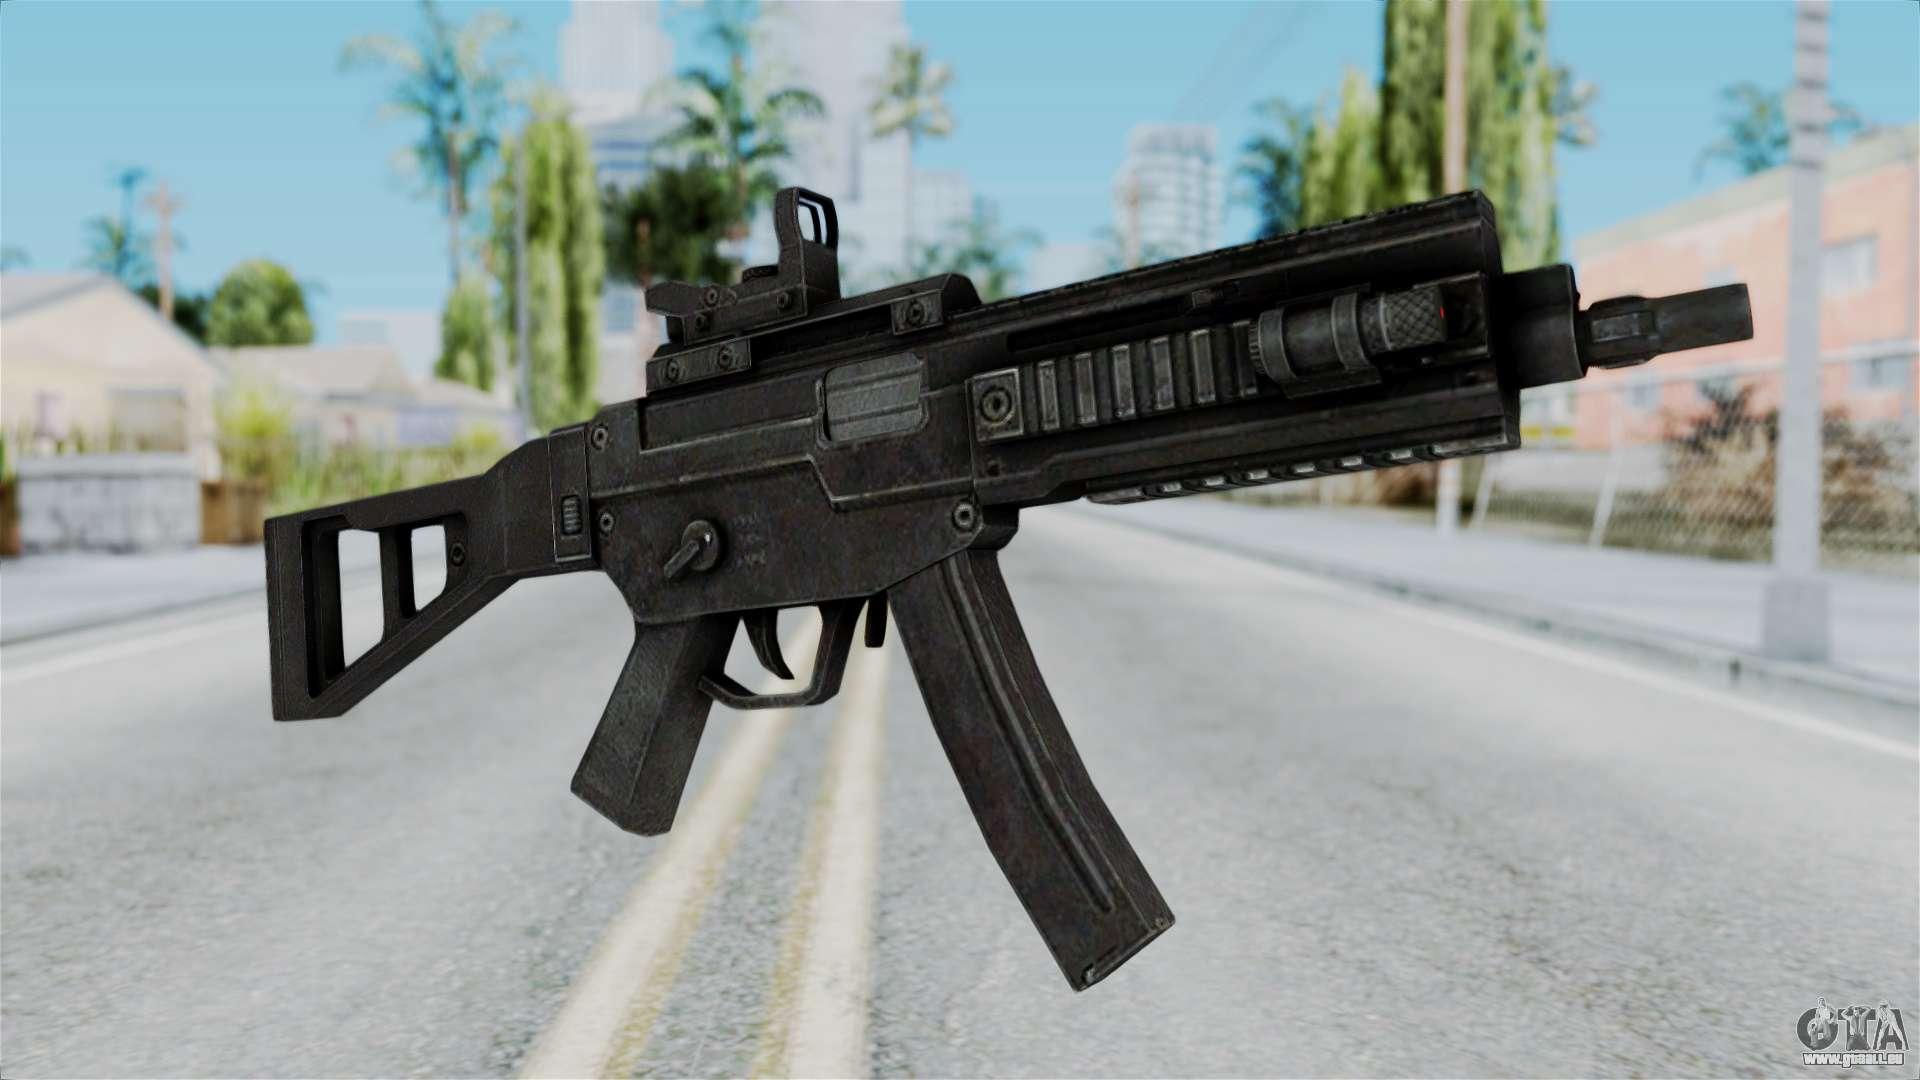 GRATUITEMENT DE GRATUIT TÉLÉCHARGER LES JEUX MP5